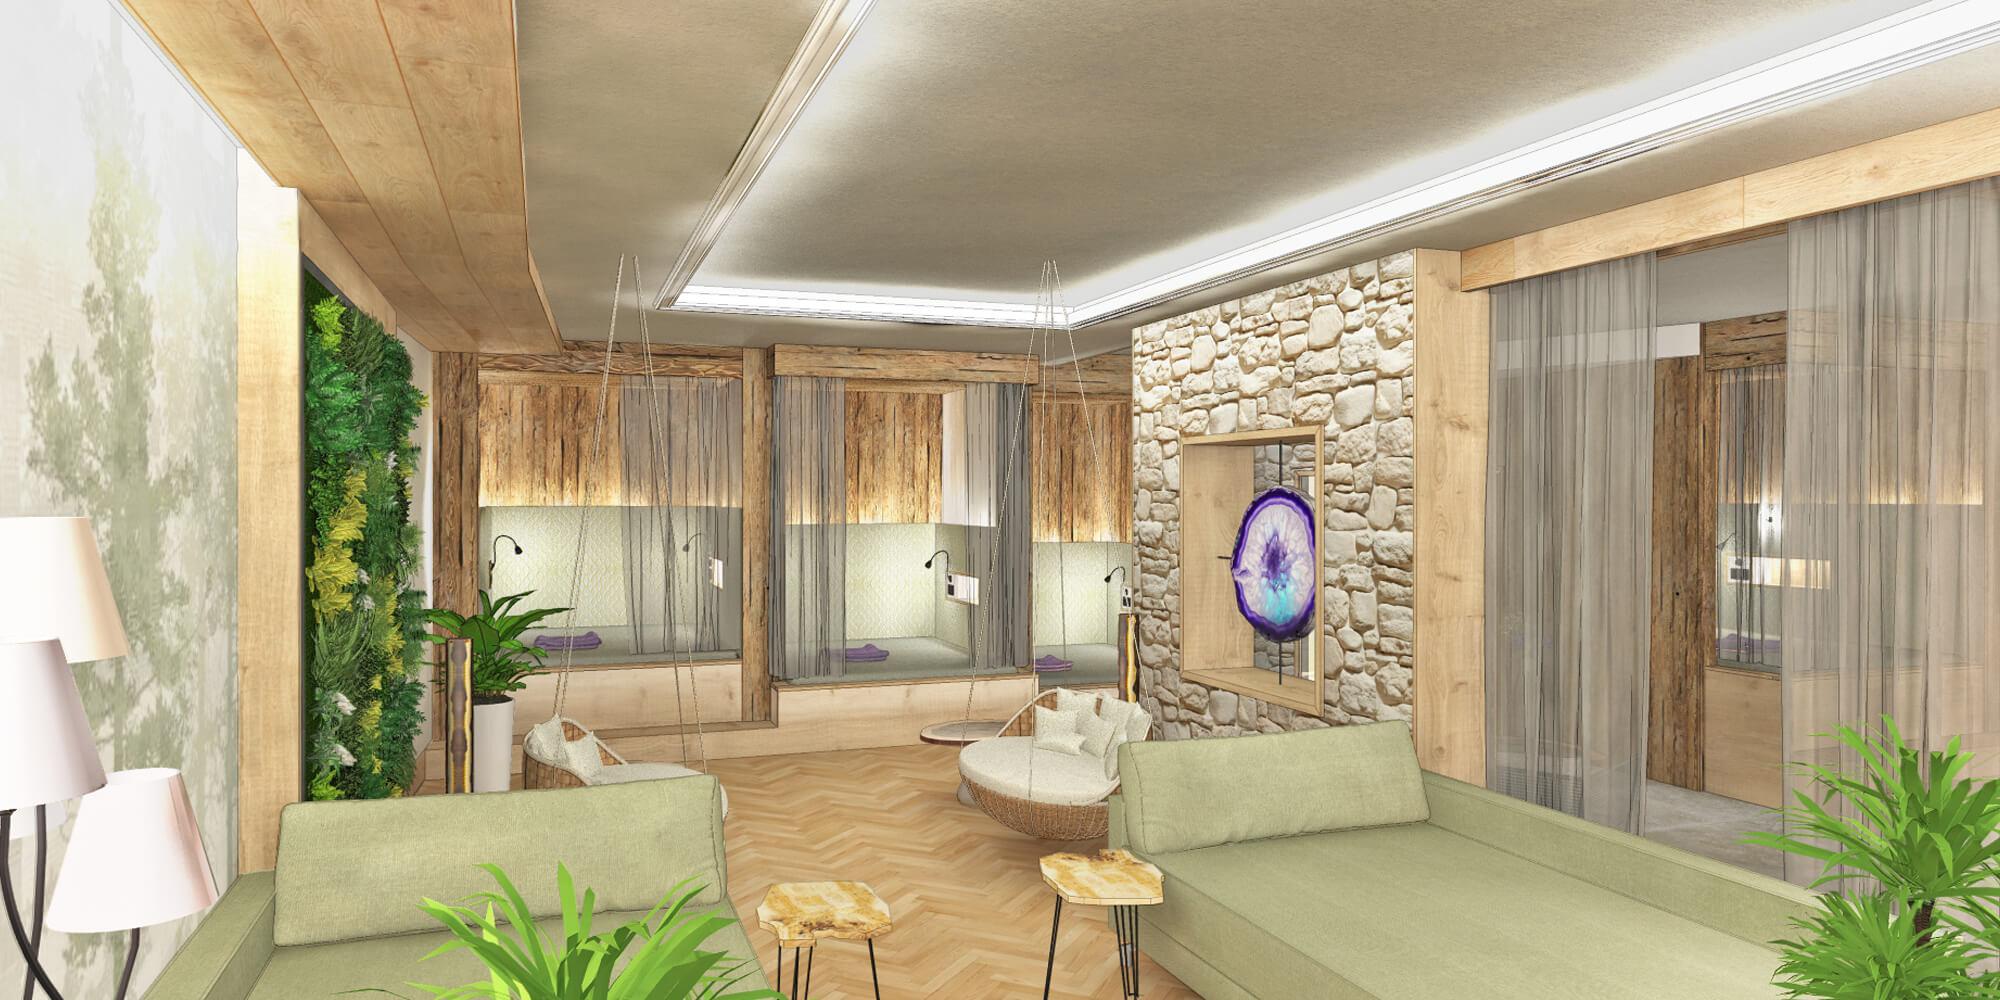 Crea-Plan-Design-Rauch-Frühmann-Architektur-Innenarchitektur-Design-Projekt-Referenz-Hotelerie-Gastronomie-Hotel-Bergknappenhof-Ruheraum-3